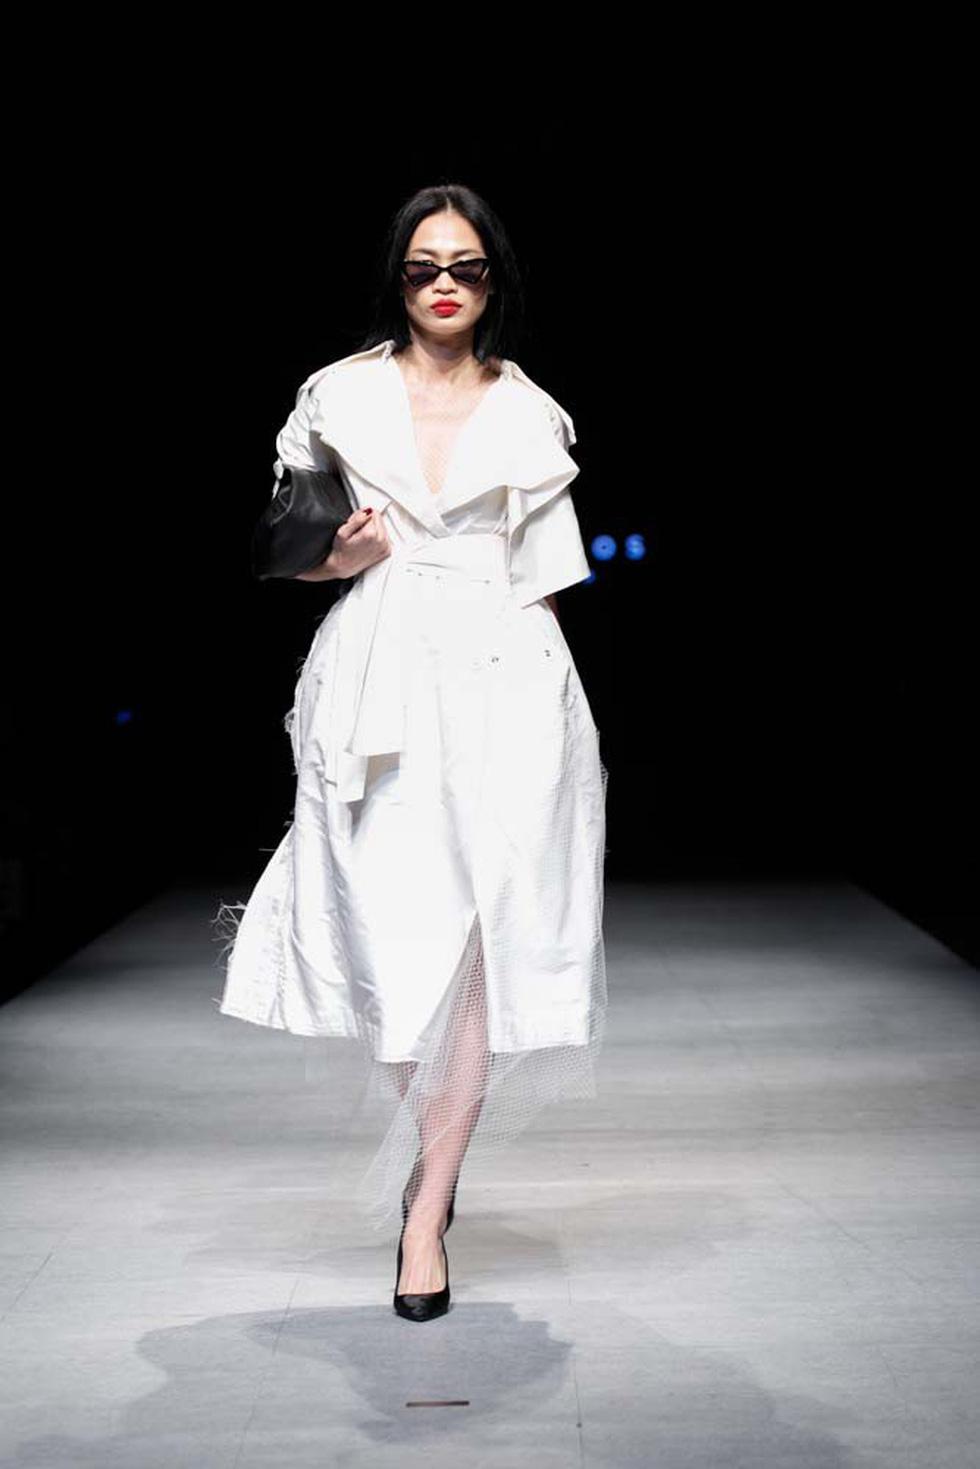 Lan Khuê, Lệ Nam mở màn Tuần lễ thời trang quốc tế Việt Nam - Ảnh 17.